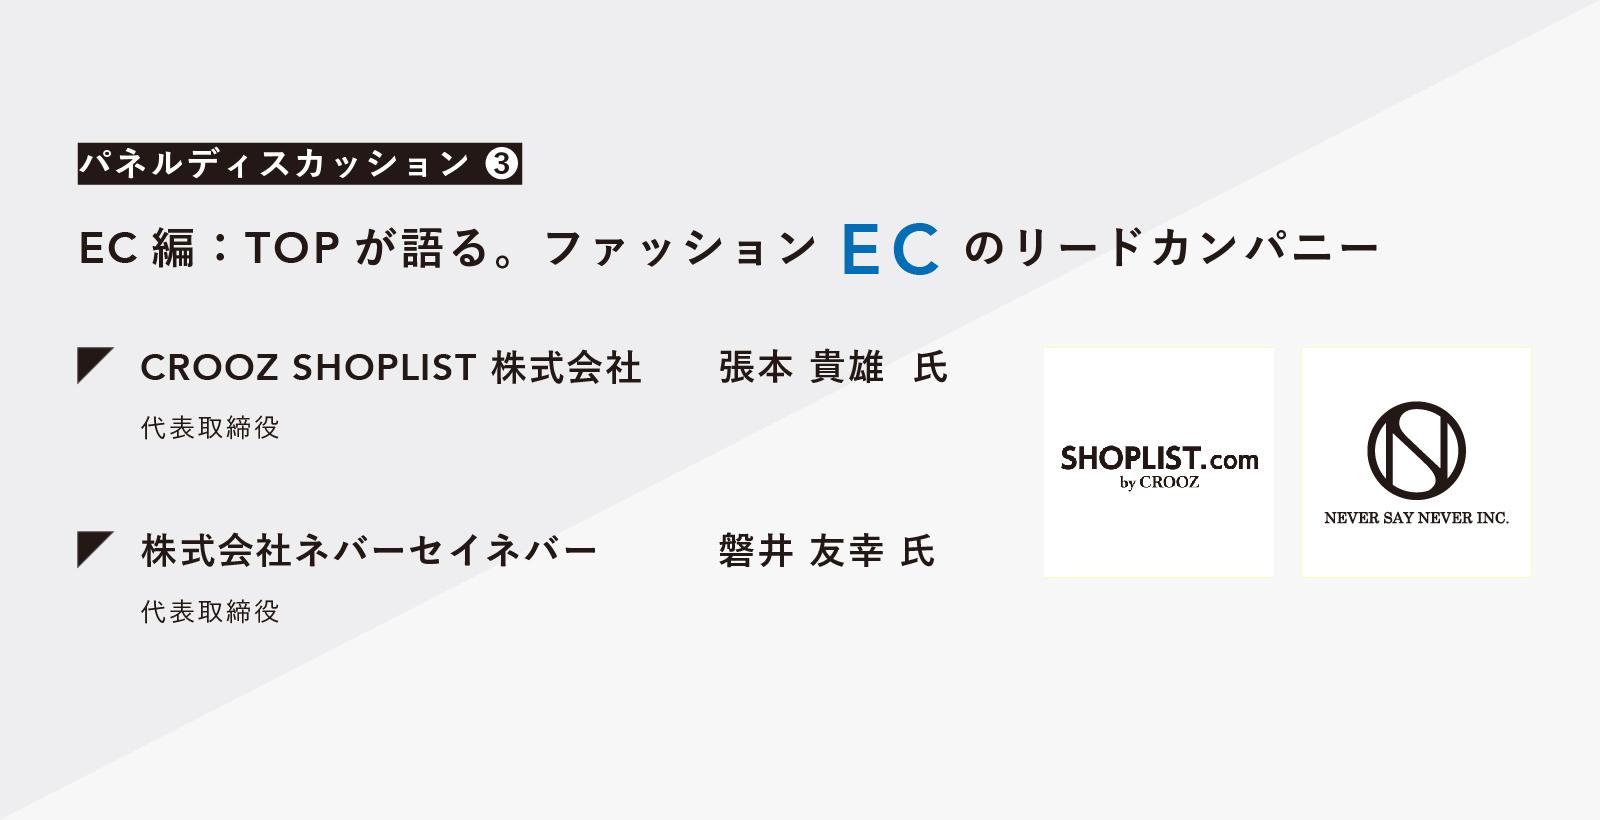 【PD③ OFFLINE 003】「登壇:ショップリスト /NSN 」企業のTOPが語るファッションEC。